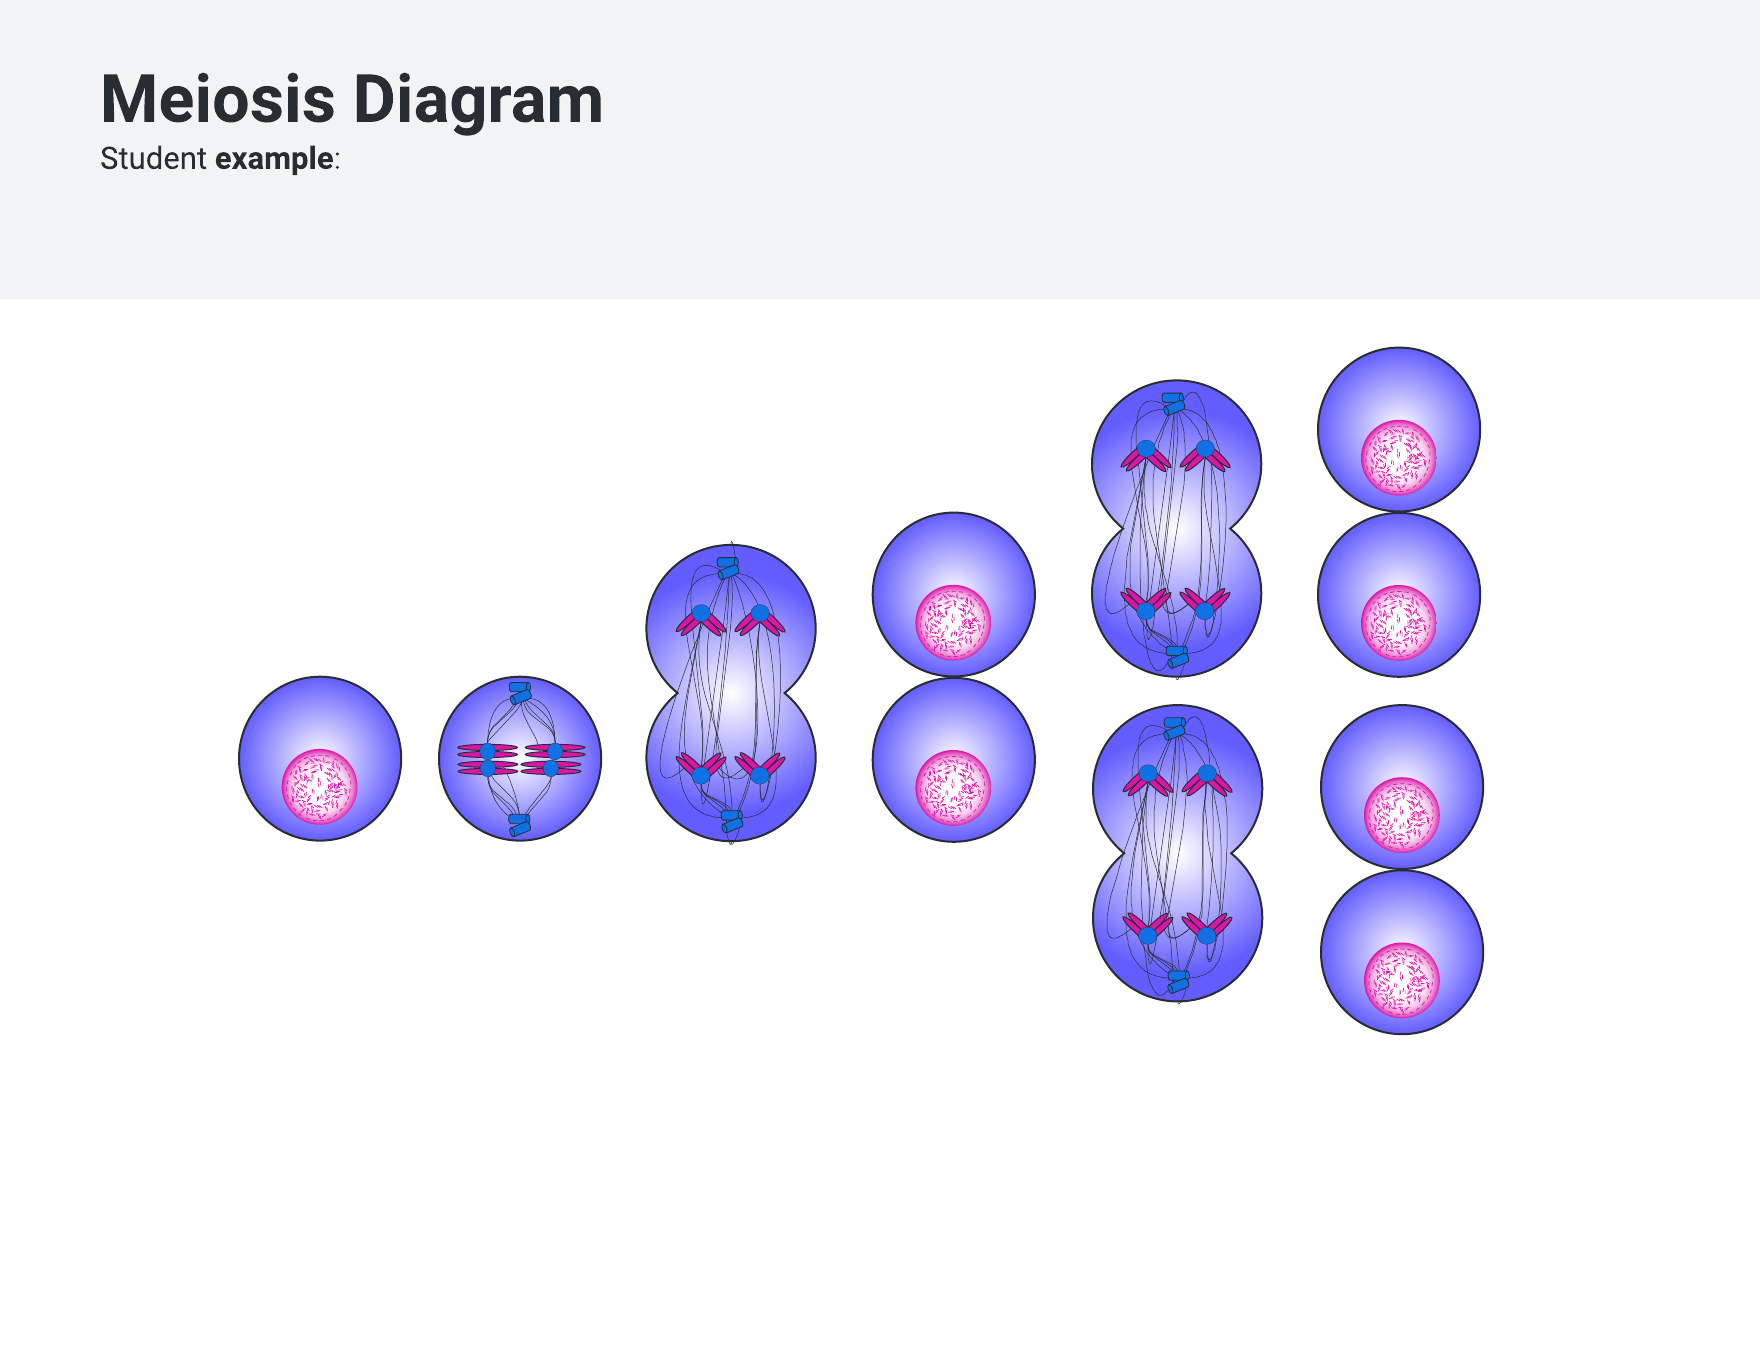 Meiosis diagram